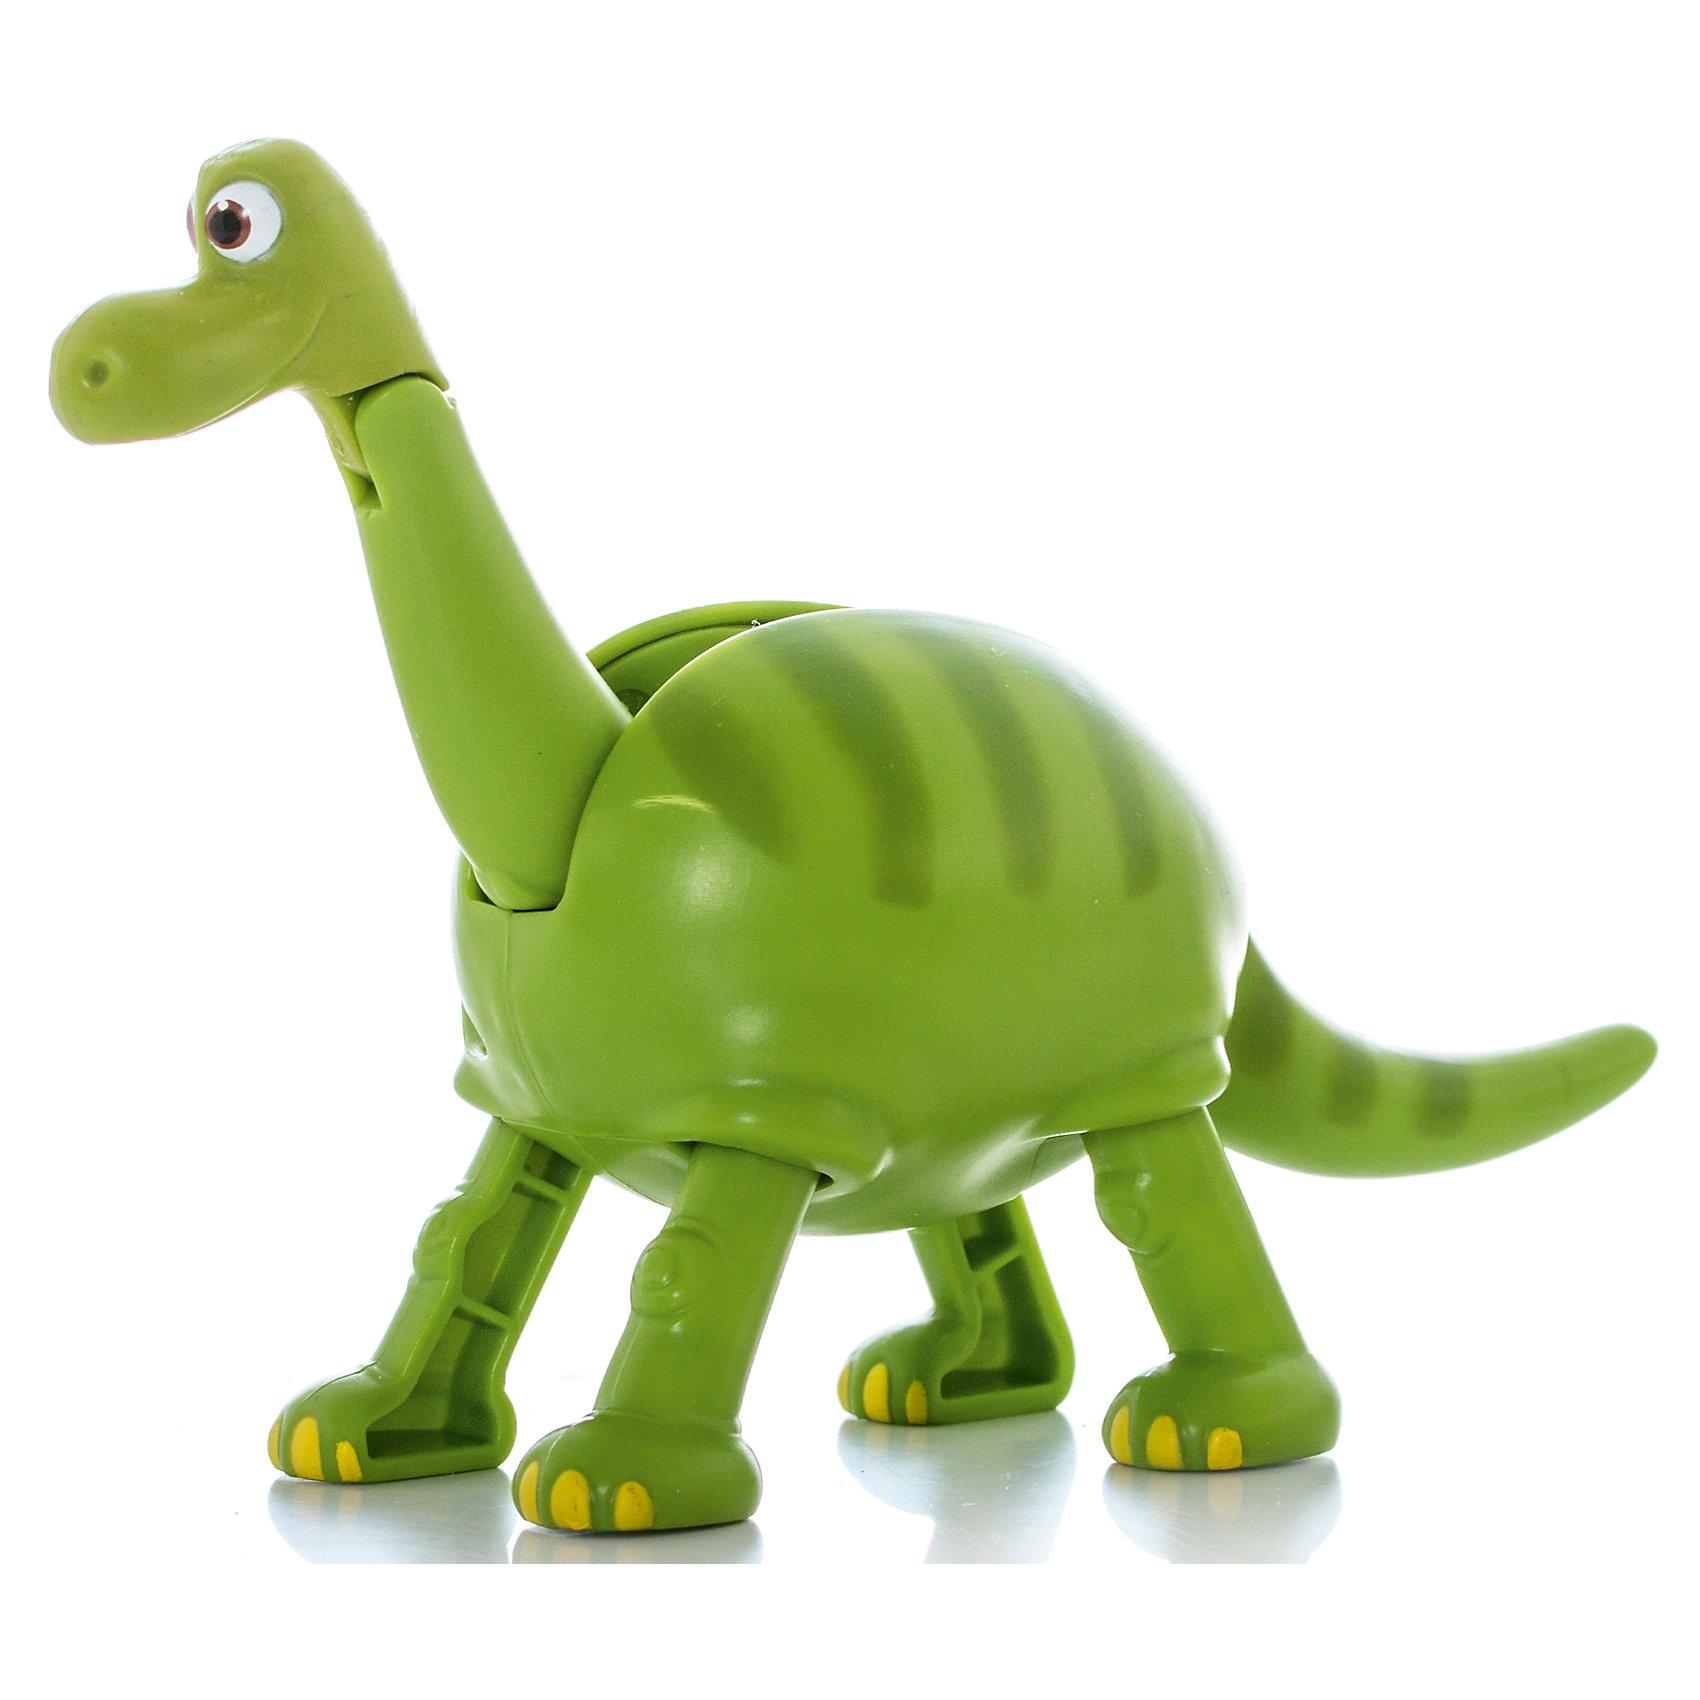 Яйцо-трансформер Арло, Хороший динозавр, EggStarsБлагодаря яйцу-трансформеру Ваш ребенок сможет ловко сделать себе динозавра Арло из мультфильма Хороший динозавр<br><br>Порадуйте Вашего ребенка таким замечательным подарком!<br><br>Дополнительная информация:<br><br>- Возраст: от 3 лет.<br>- Материал: пластик.<br>- Размер упаковки: 17х6х8 см.<br><br>Купить яйцо-трансформер Арло из мультфильма Хороший динозавр, можно в нашем магазине.<br><br>Ширина мм: 80<br>Глубина мм: 60<br>Высота мм: 170<br>Вес г: 75<br>Возраст от месяцев: 48<br>Возраст до месяцев: 144<br>Пол: Унисекс<br>Возраст: Детский<br>SKU: 4929049